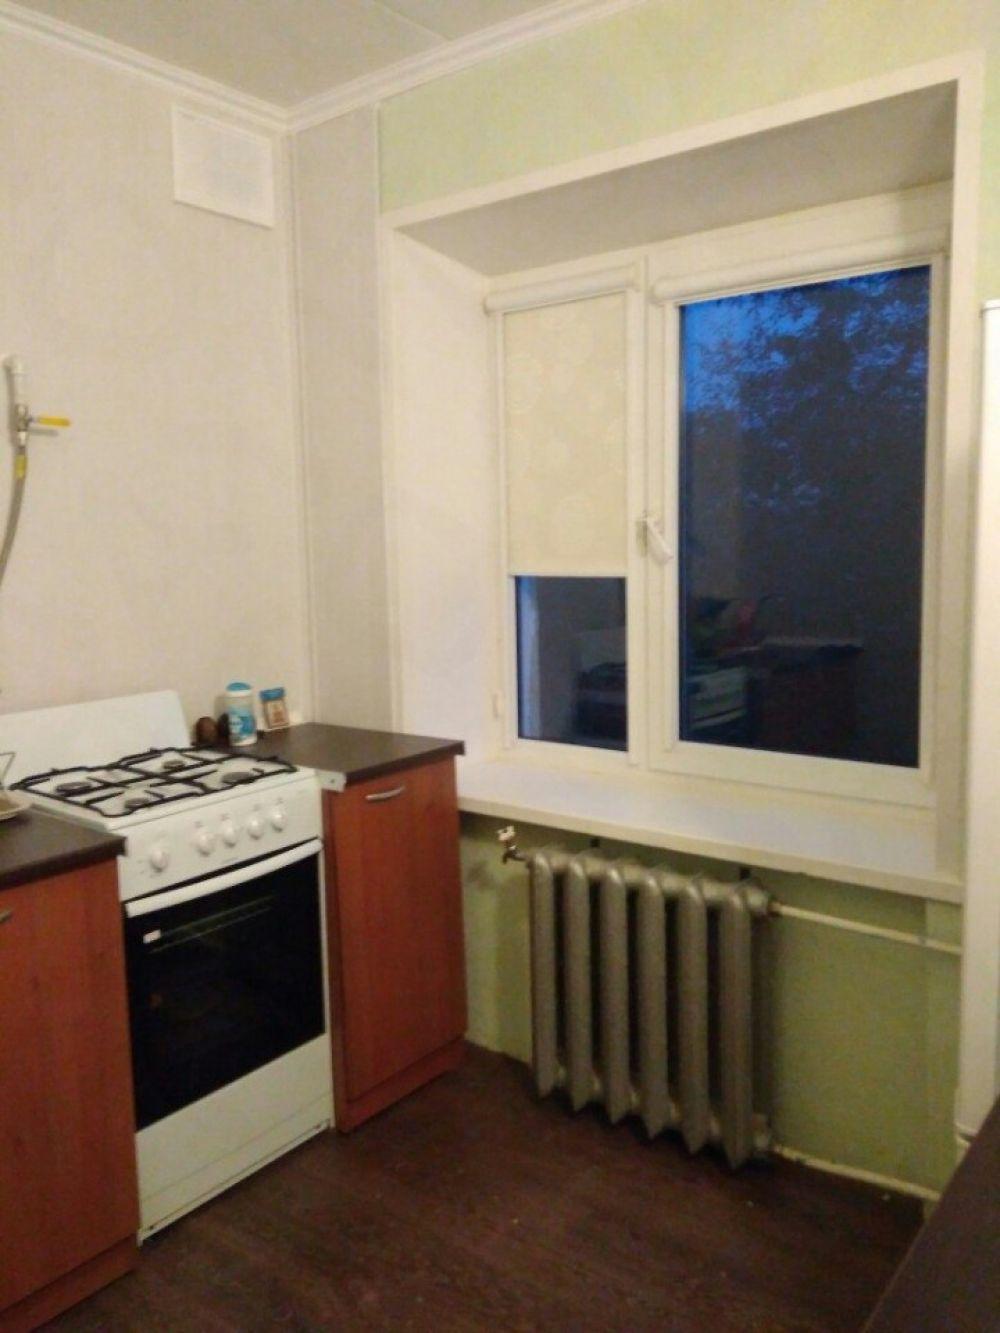 1-к квартира, Гребнево, деревня Ново, 25А, фото 1